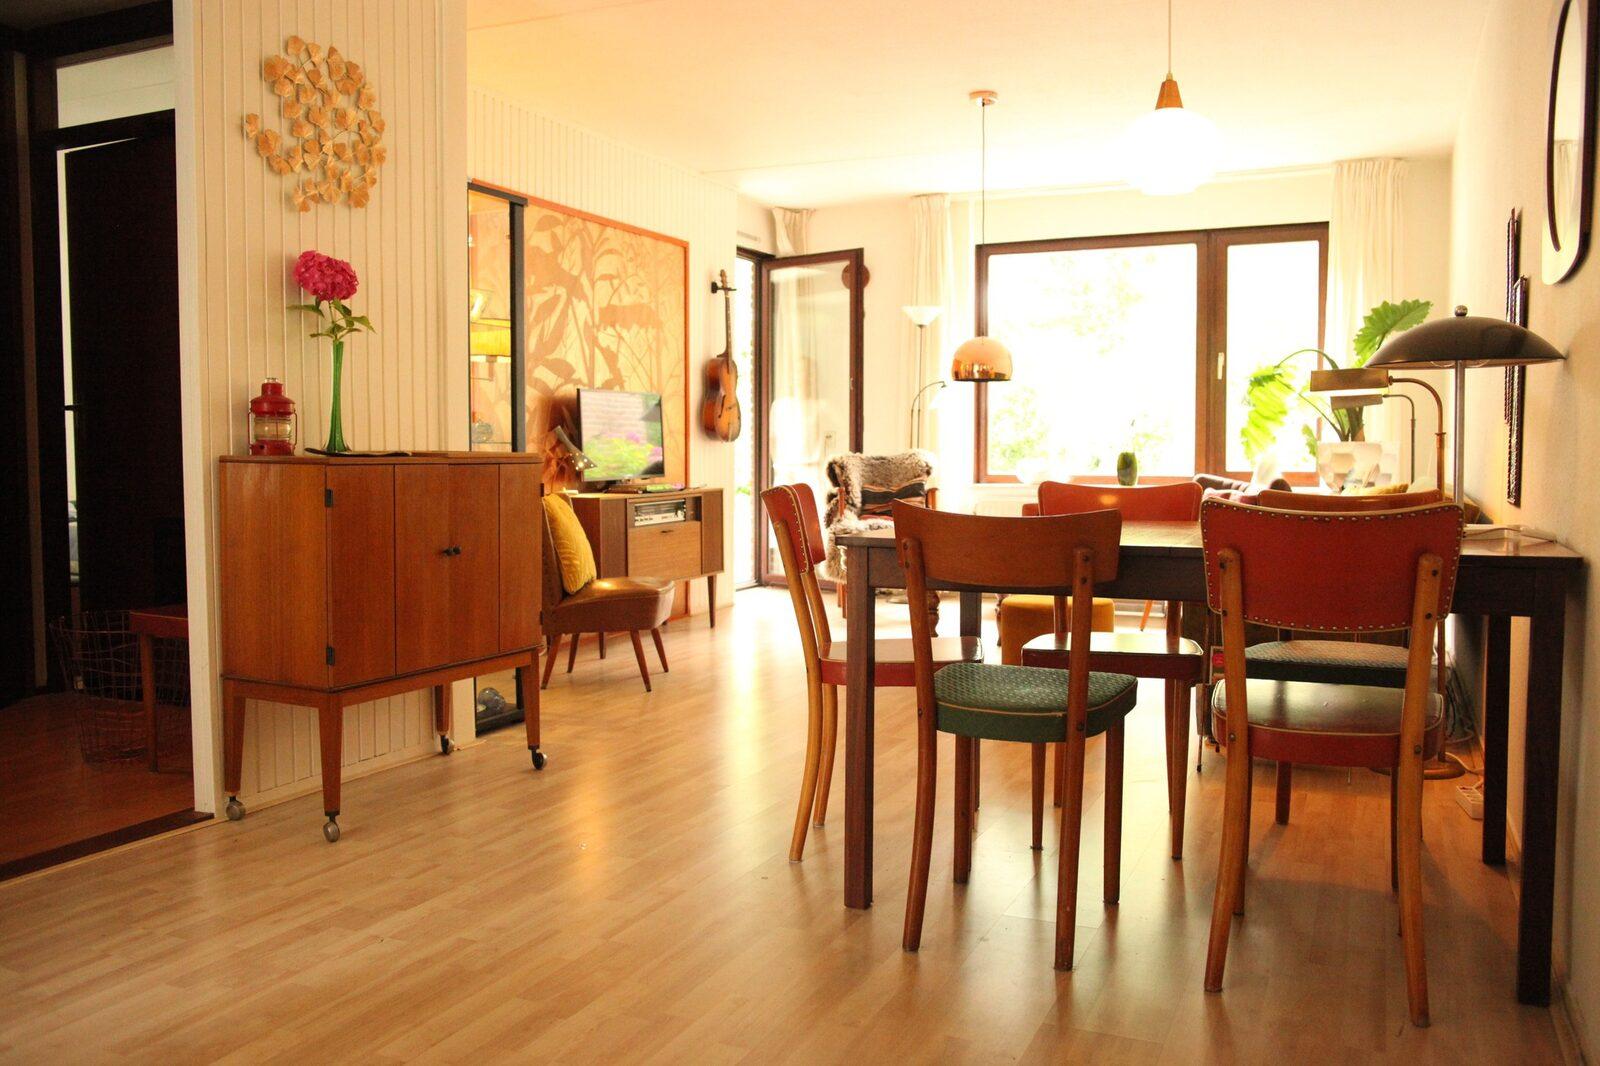 Appartement - Kievitenlaan 1   Veere 'Nescio'